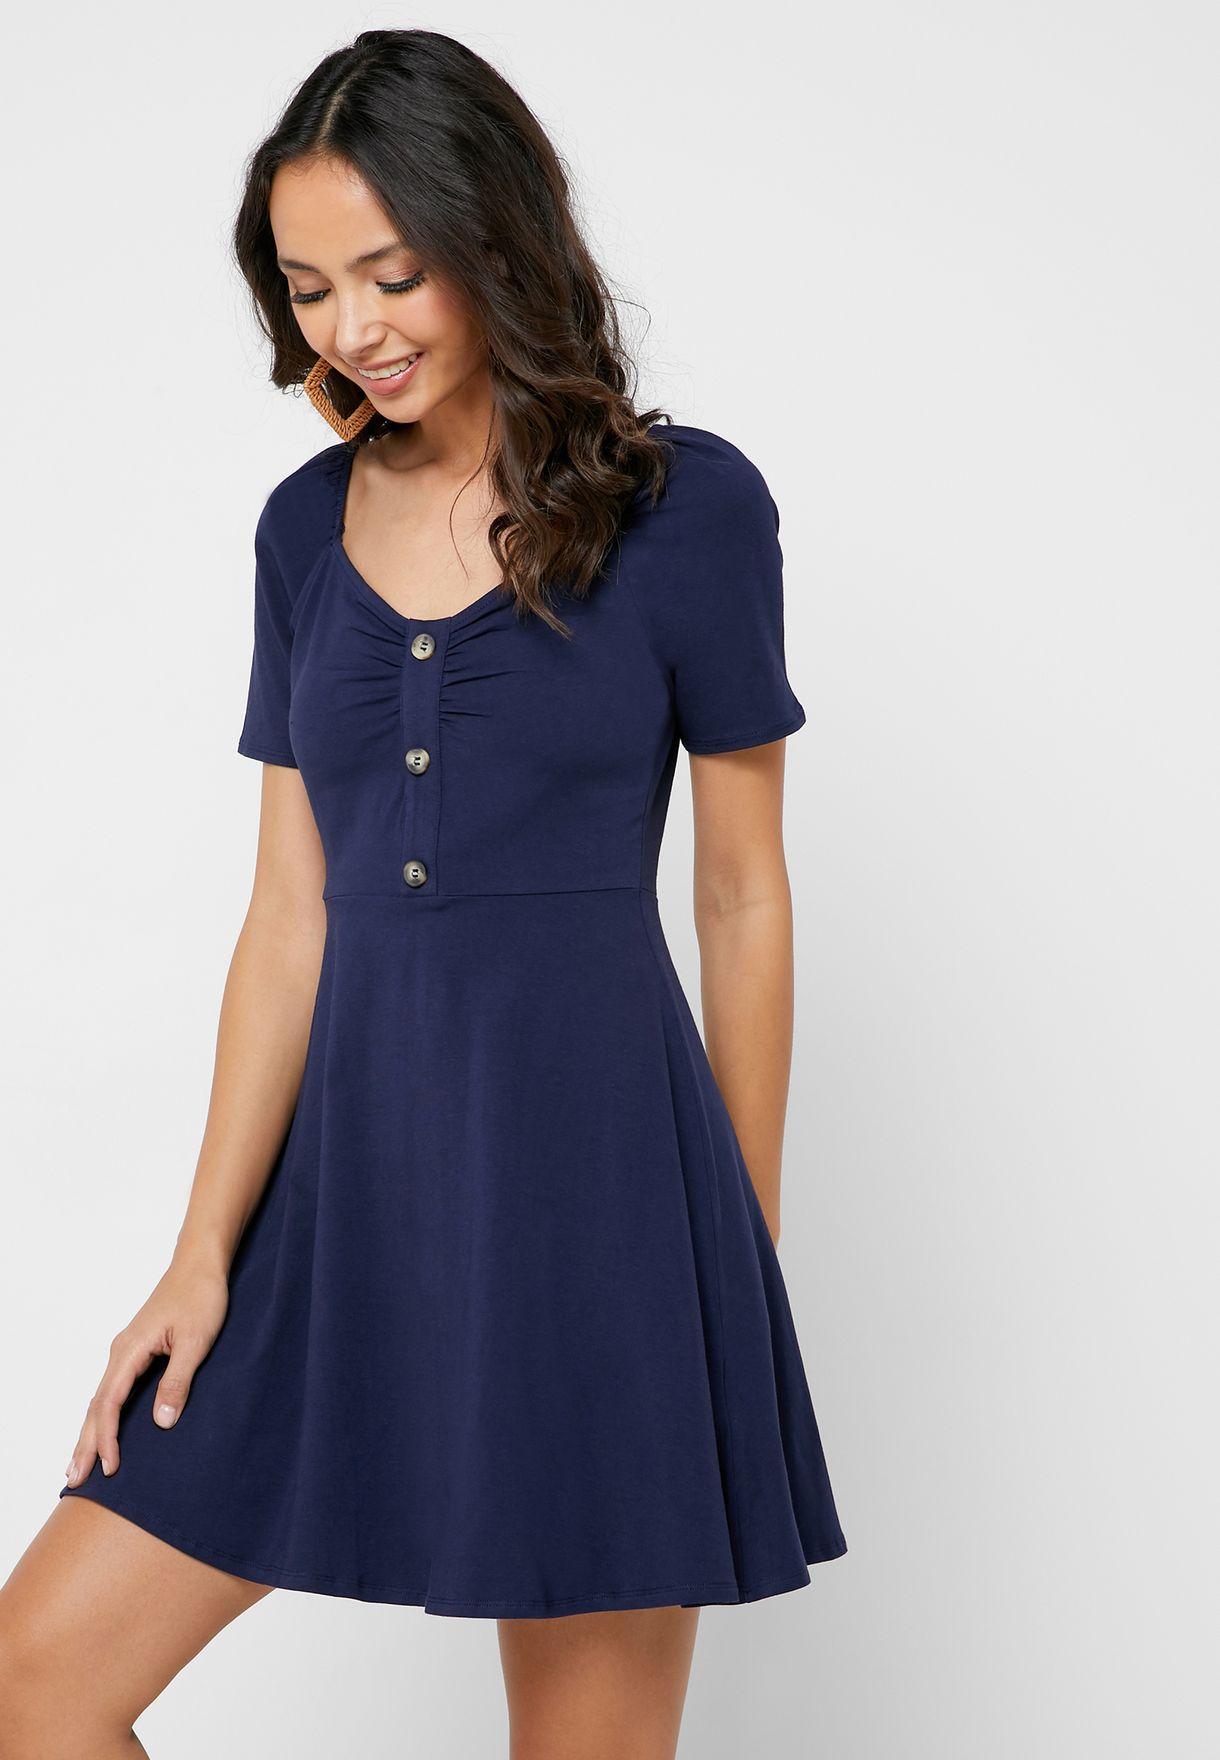 فستان بتصميم مزموم